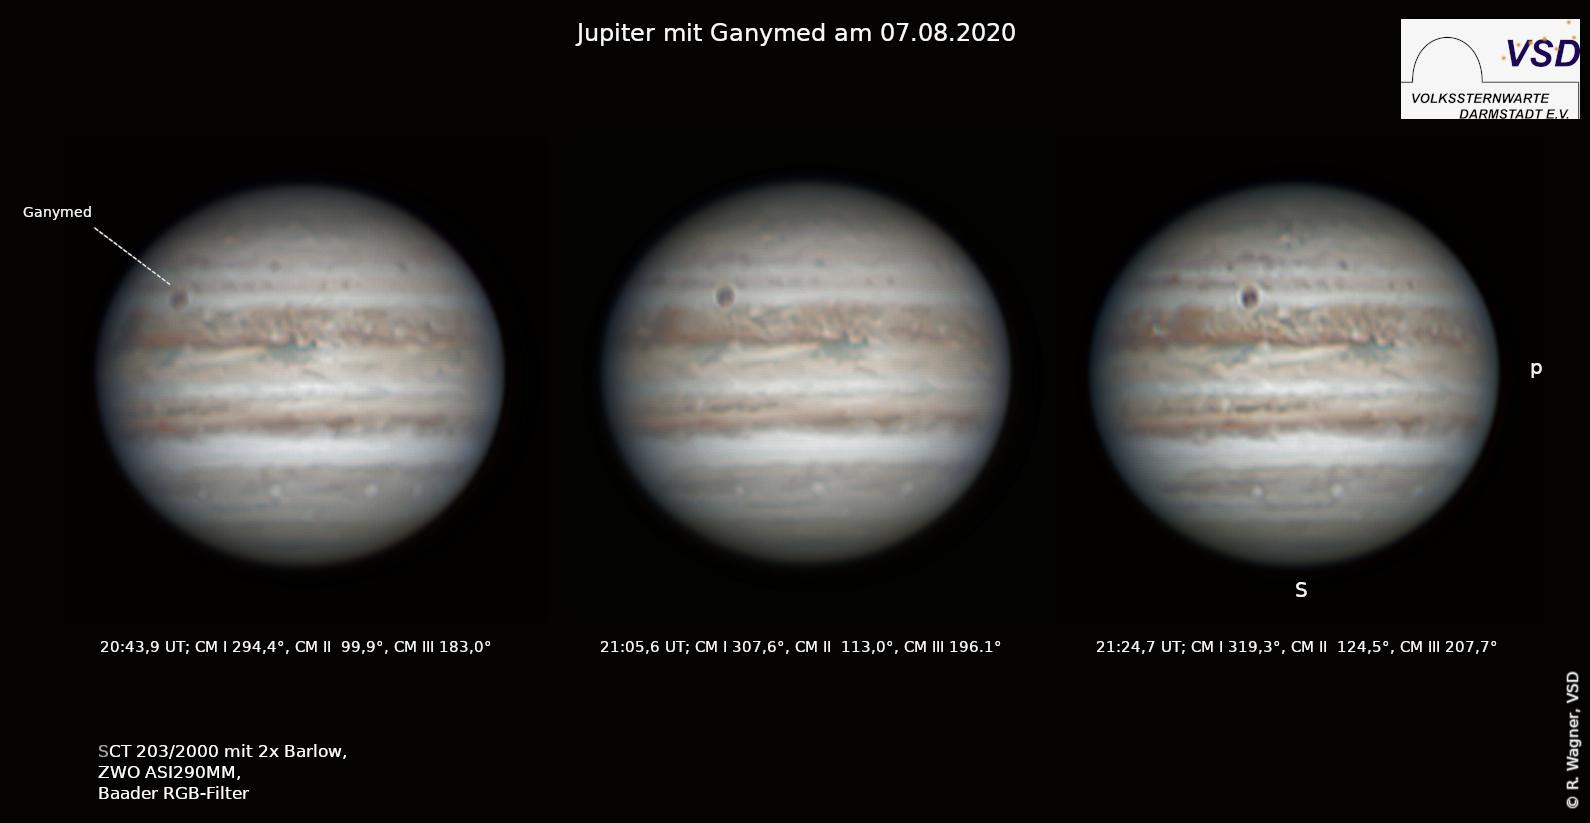 Jupiter - Bilderserie mit Ganymed